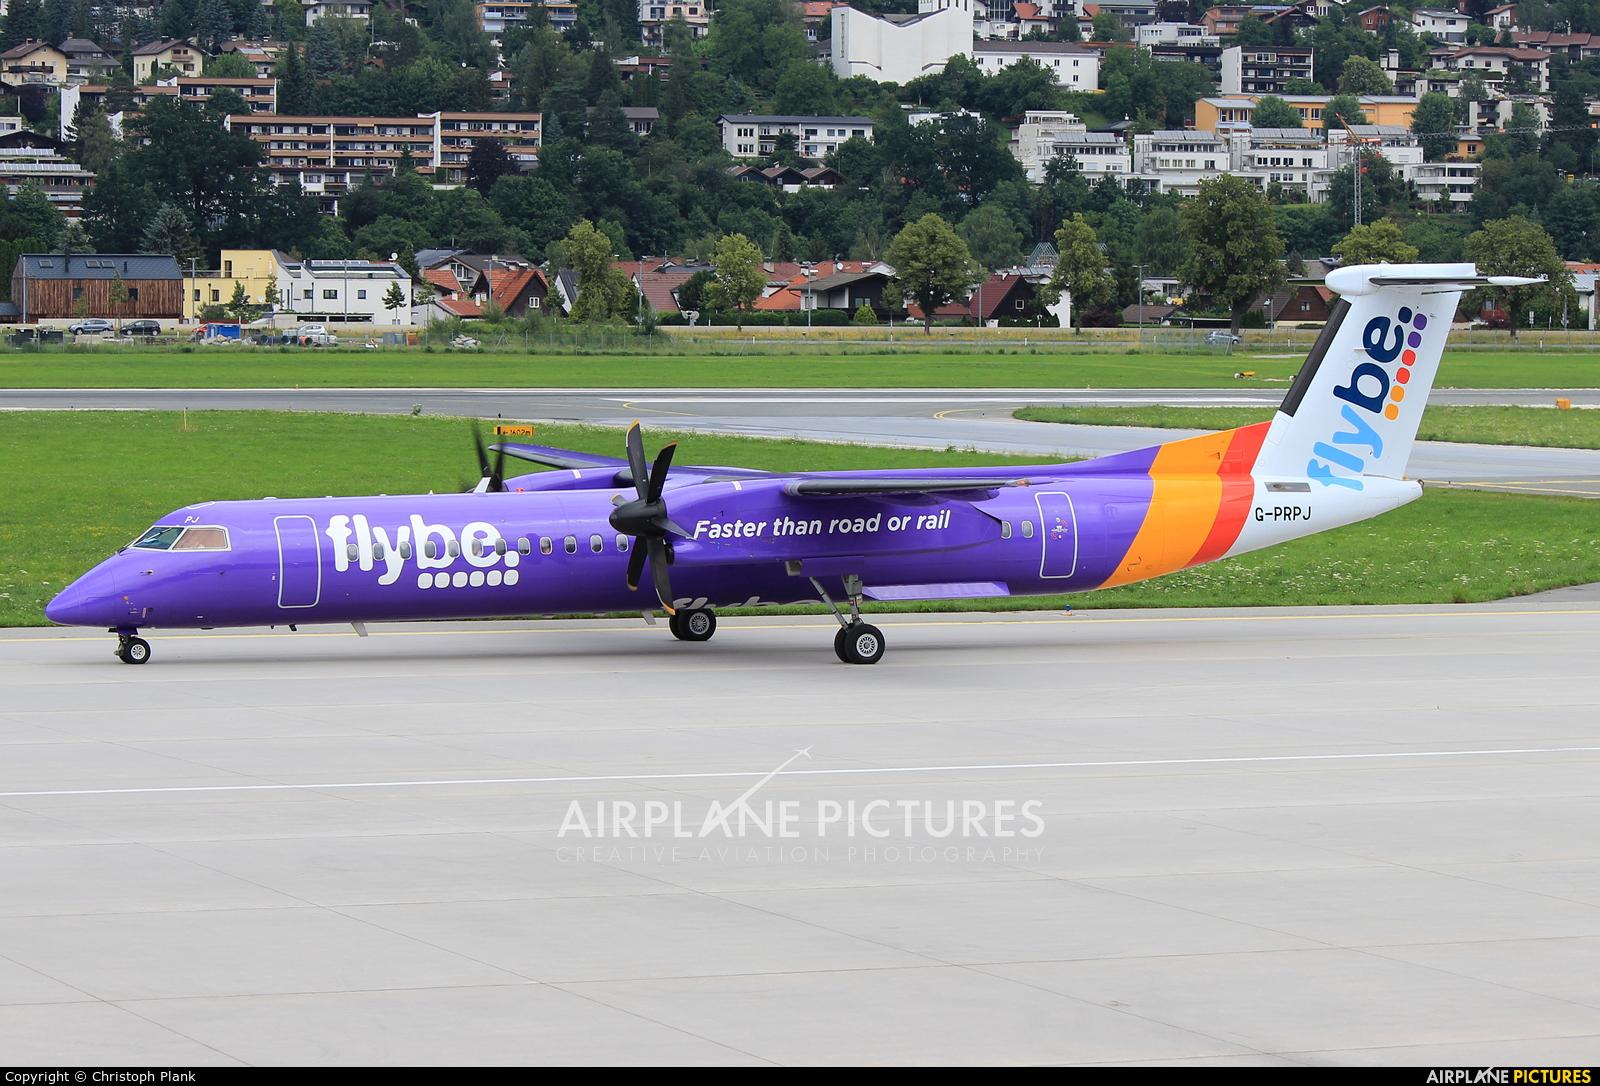 Flybe G-PRPJ aircraft at Innsbruck